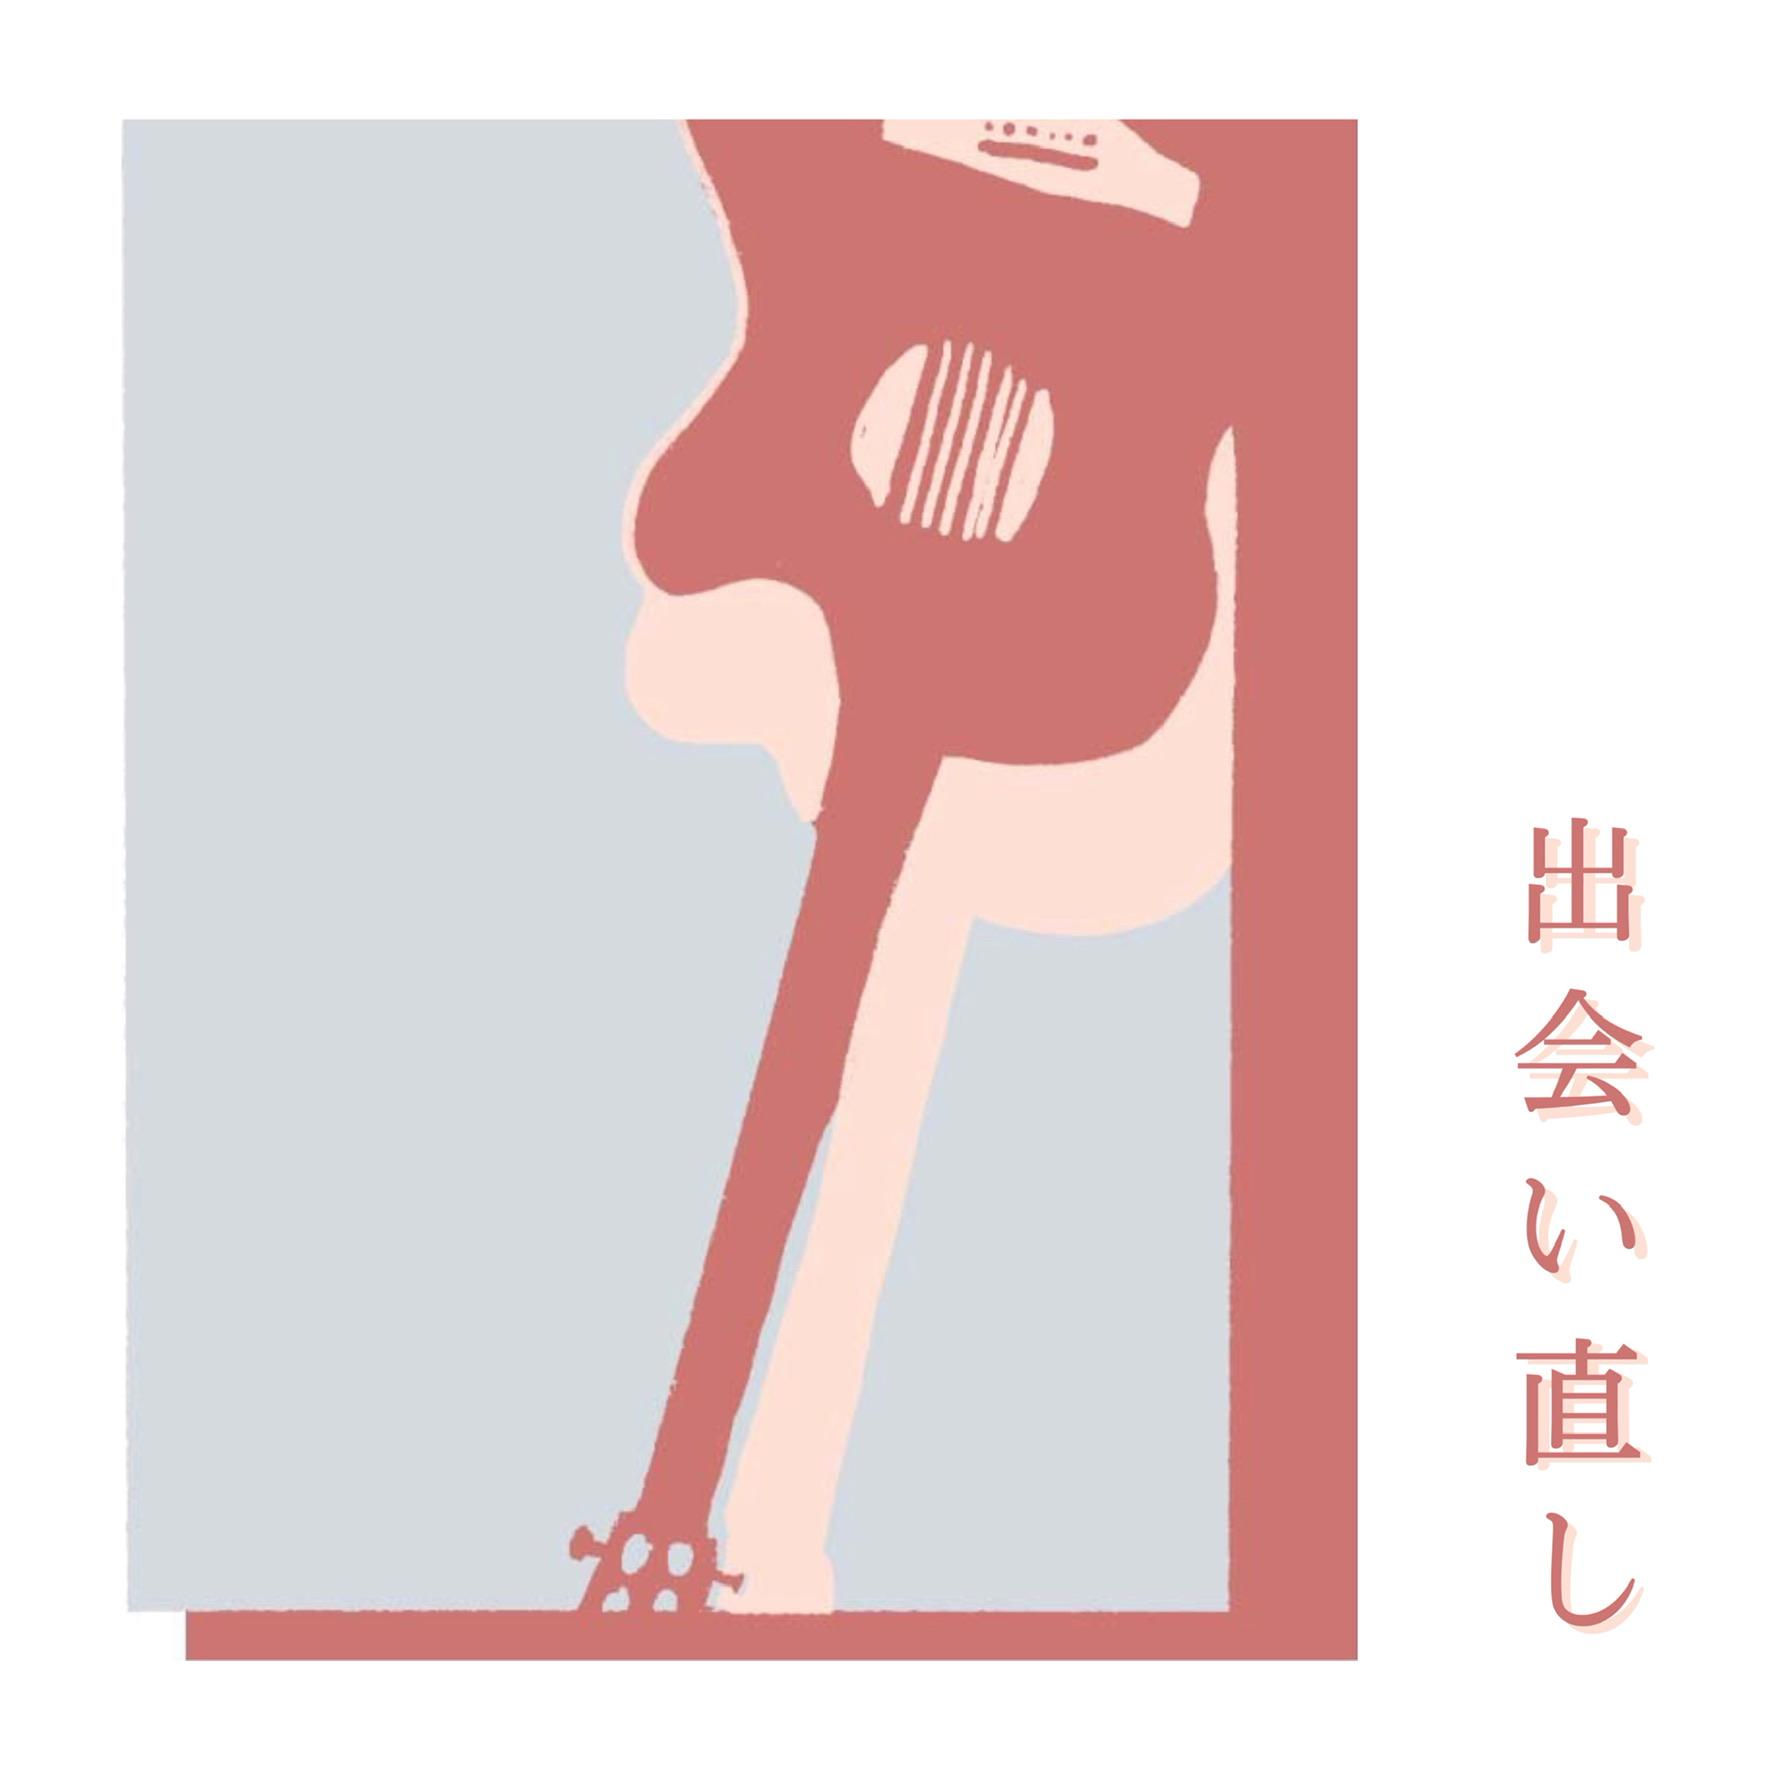 先行シングルリリース第二弾